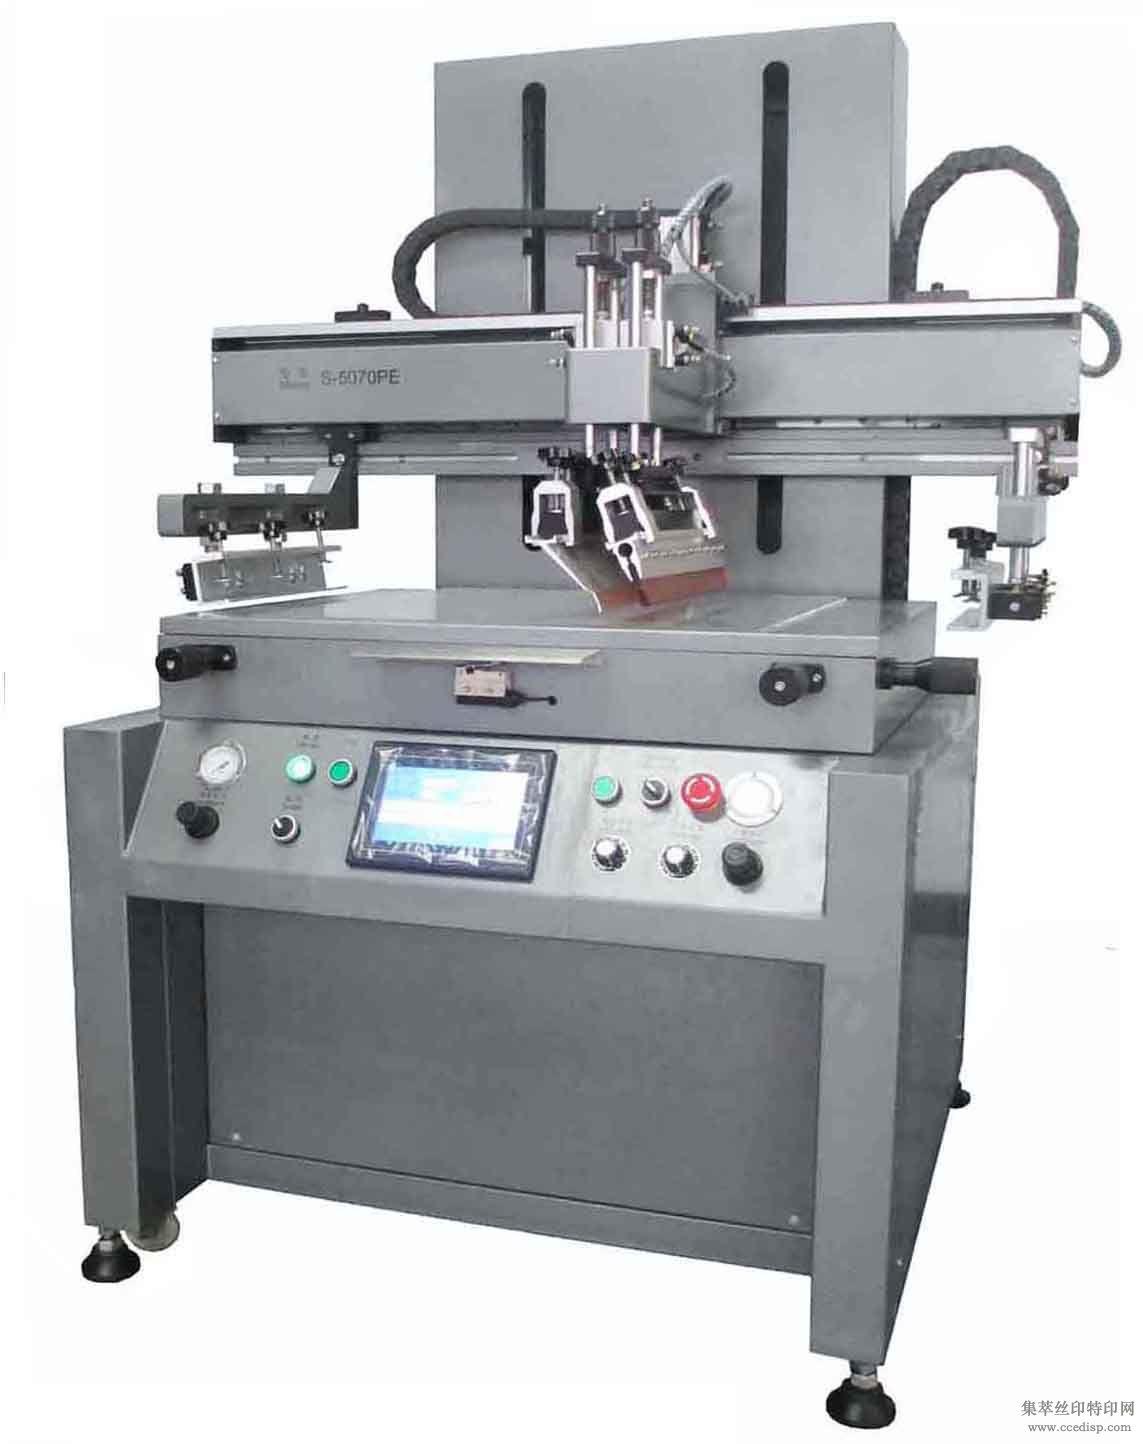 不锈钢制品丝印专业机械,迅源S-4060平面丝印机,机器稳定,品质卓越